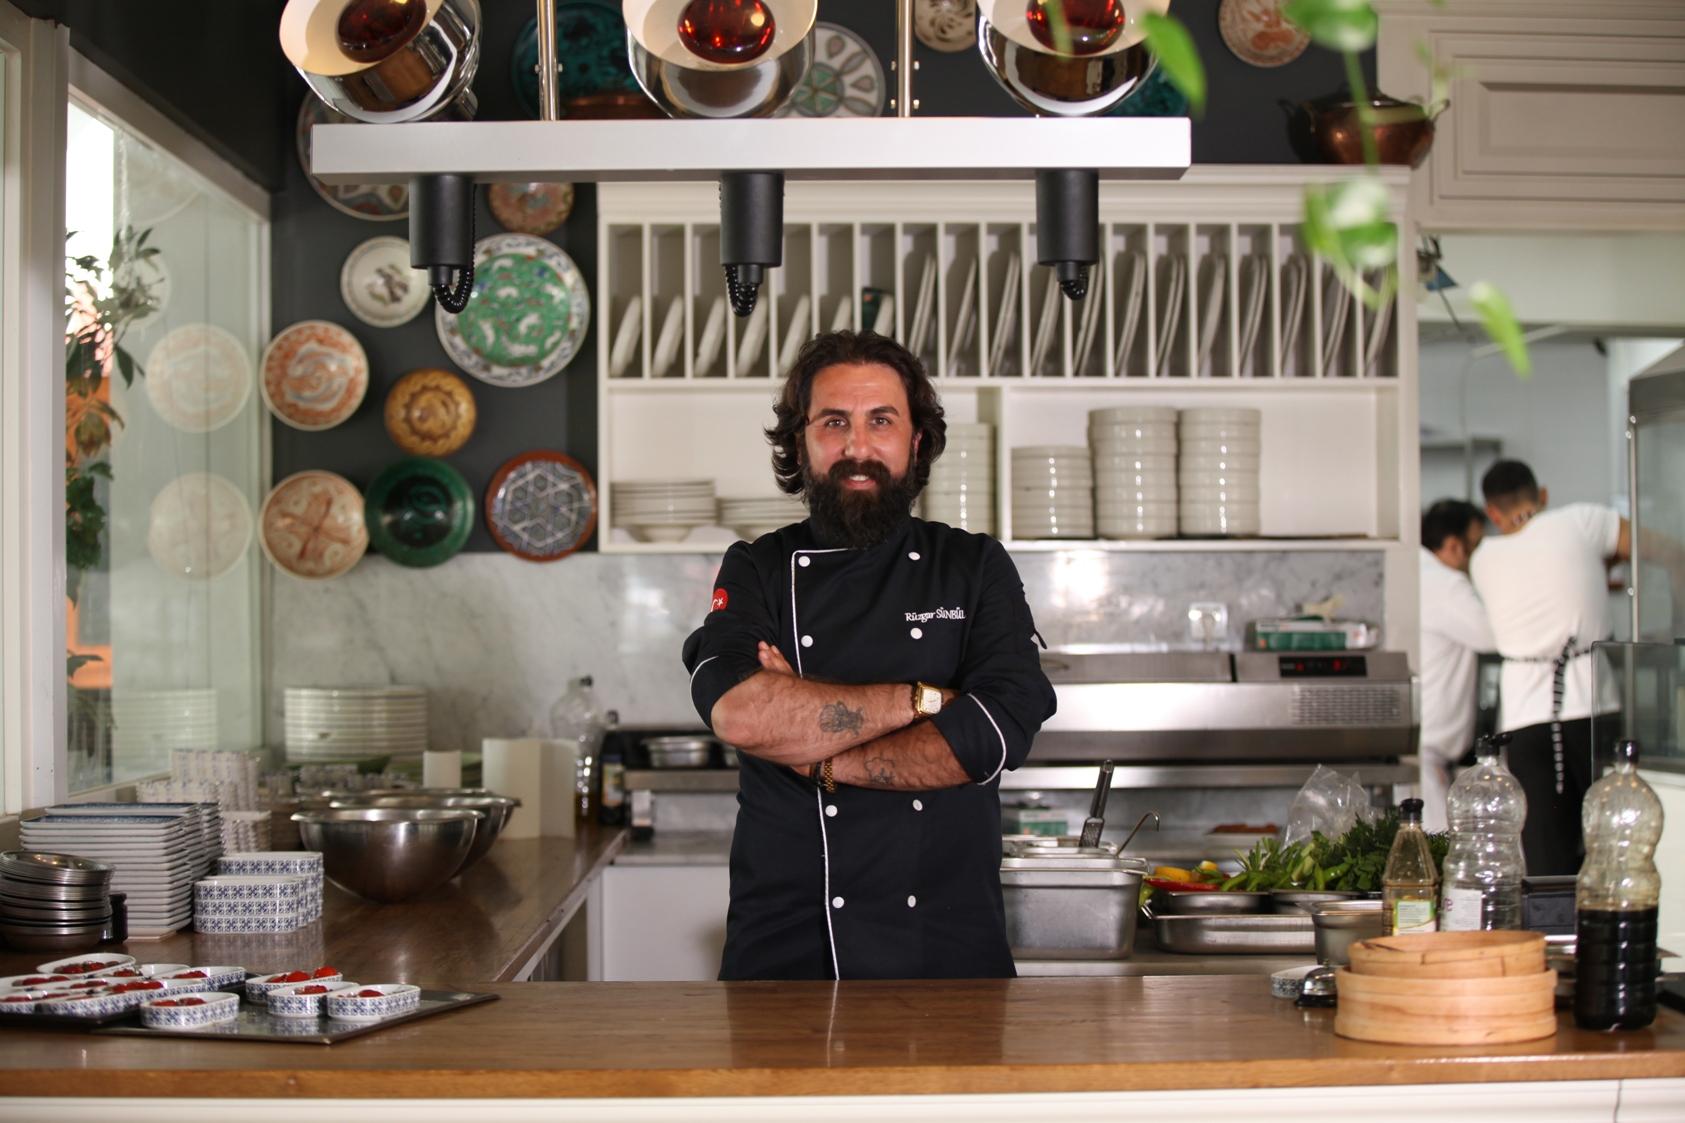 Ünlü Şef Rüzgar Sünbül, geleceğin aşçılarıyla birlikte HOST İstanbul'da hünerlerini sergileyecek